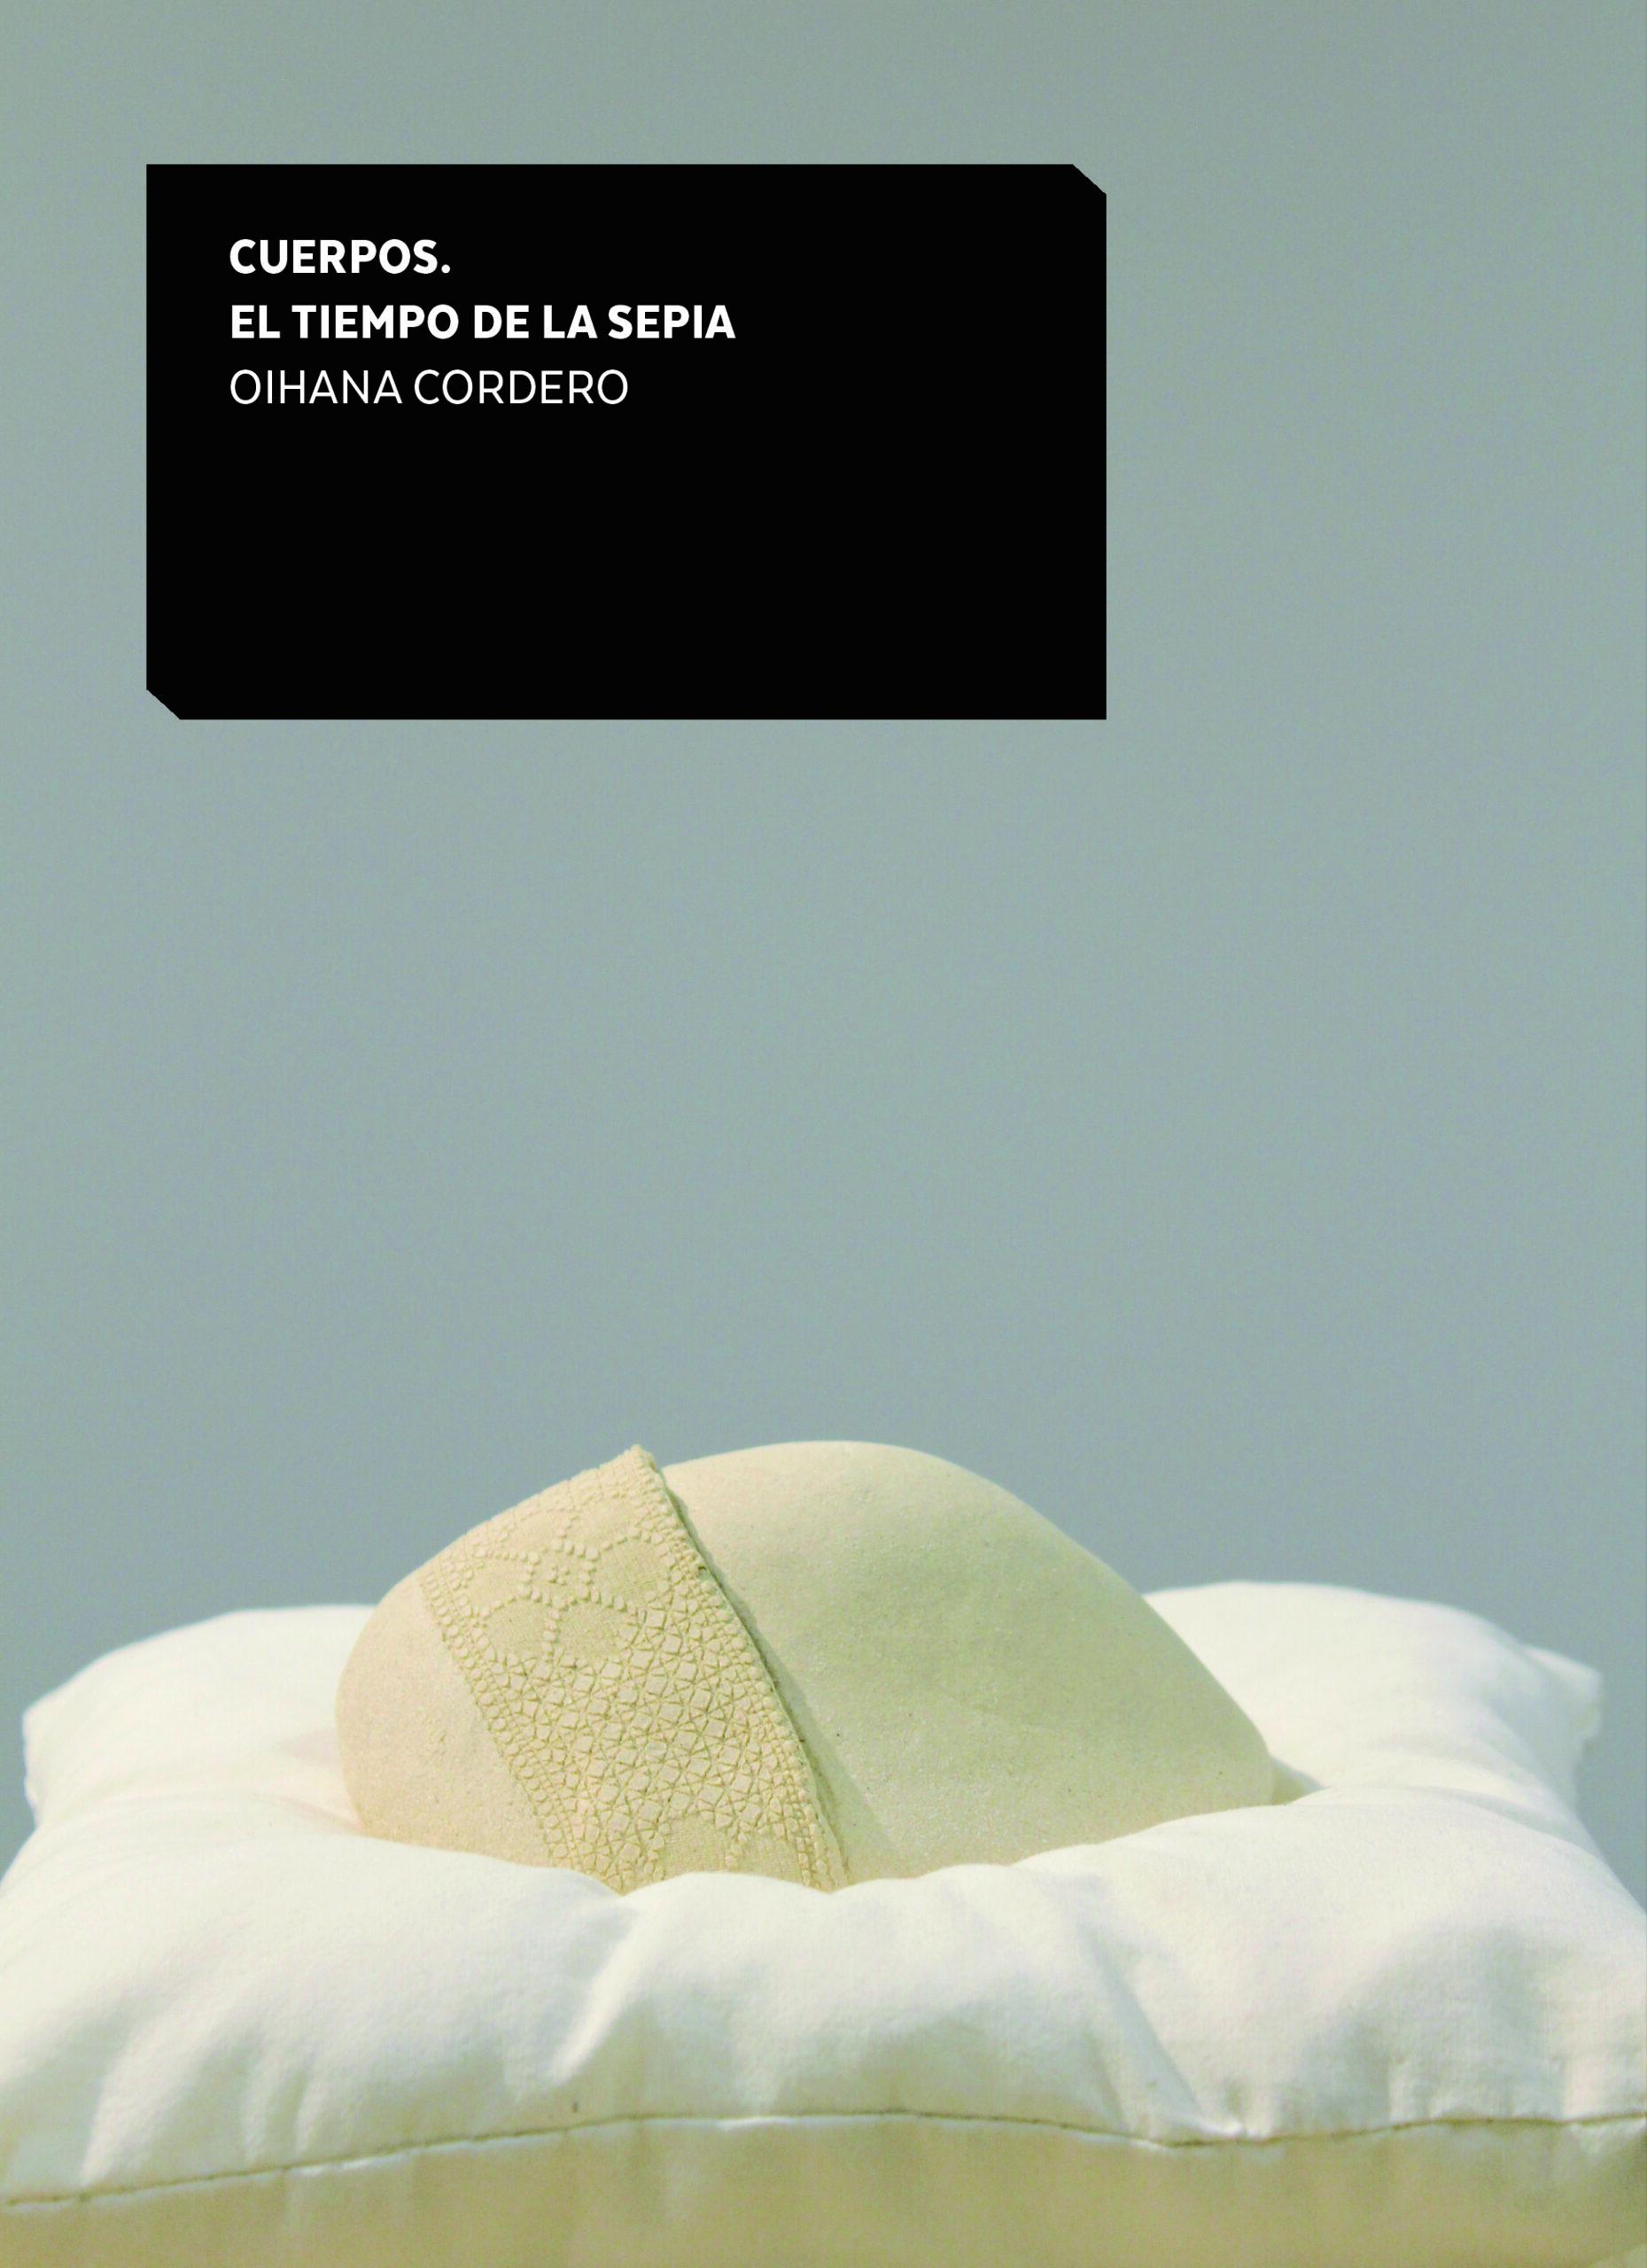 Imagen de portada de CUERPOS. EL TIEMPO DE LA SEPIA